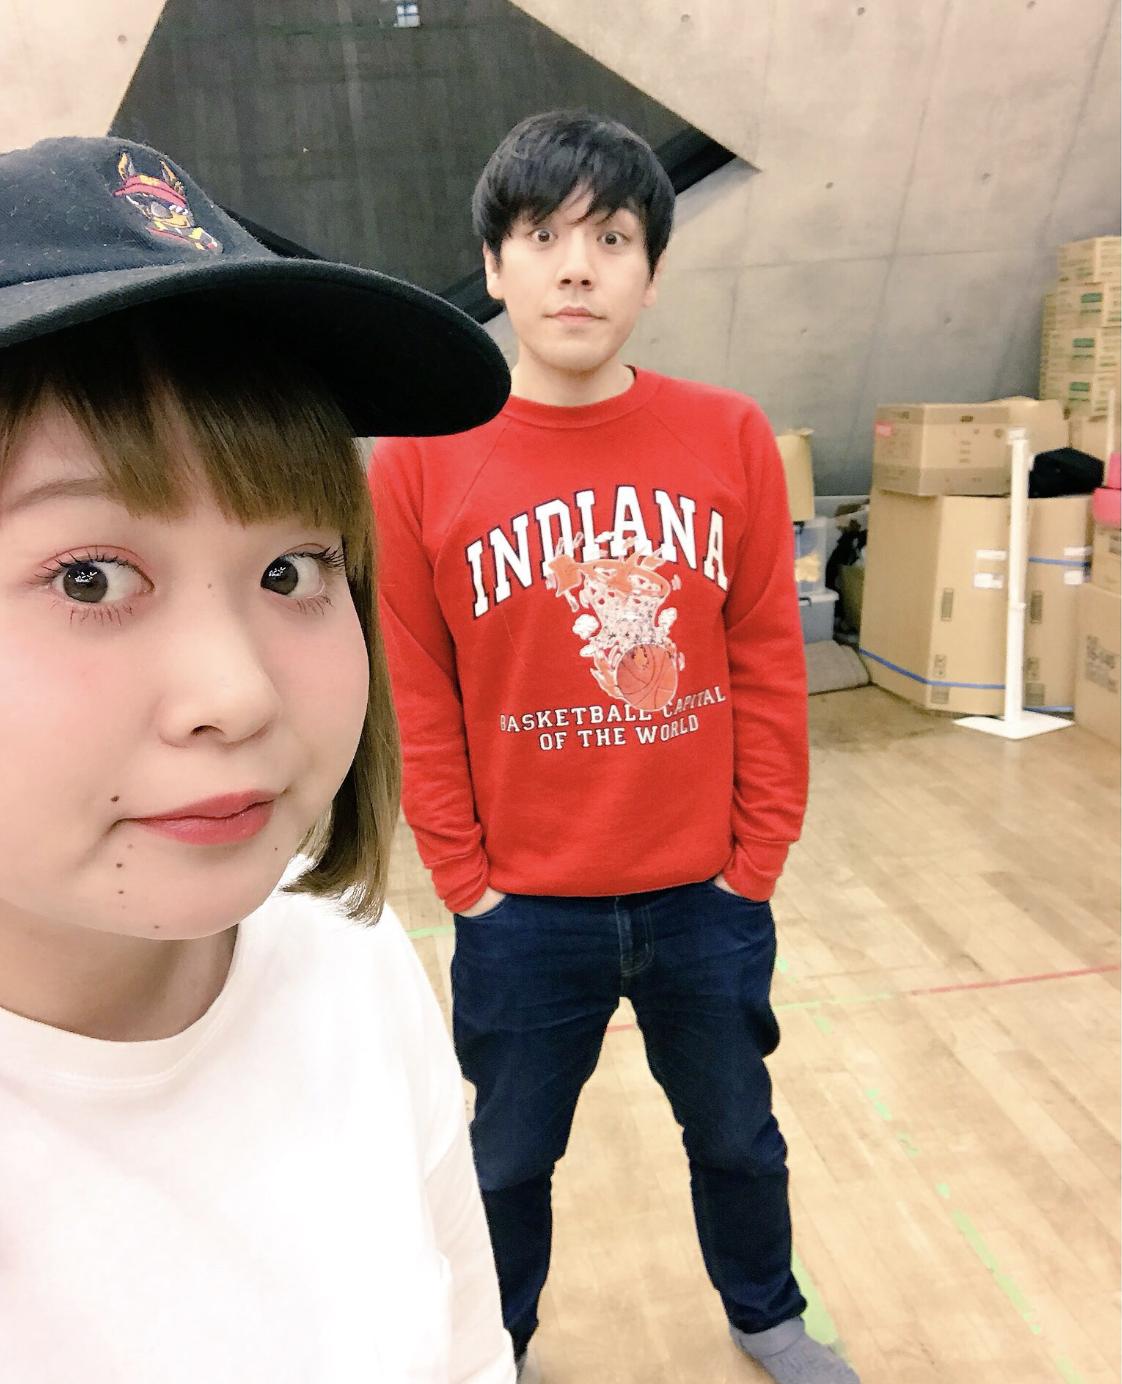 おもしろ荘2018夏の世間知らズはつまらない?ネタ動画と西田は可愛いけど彼氏はいるの?